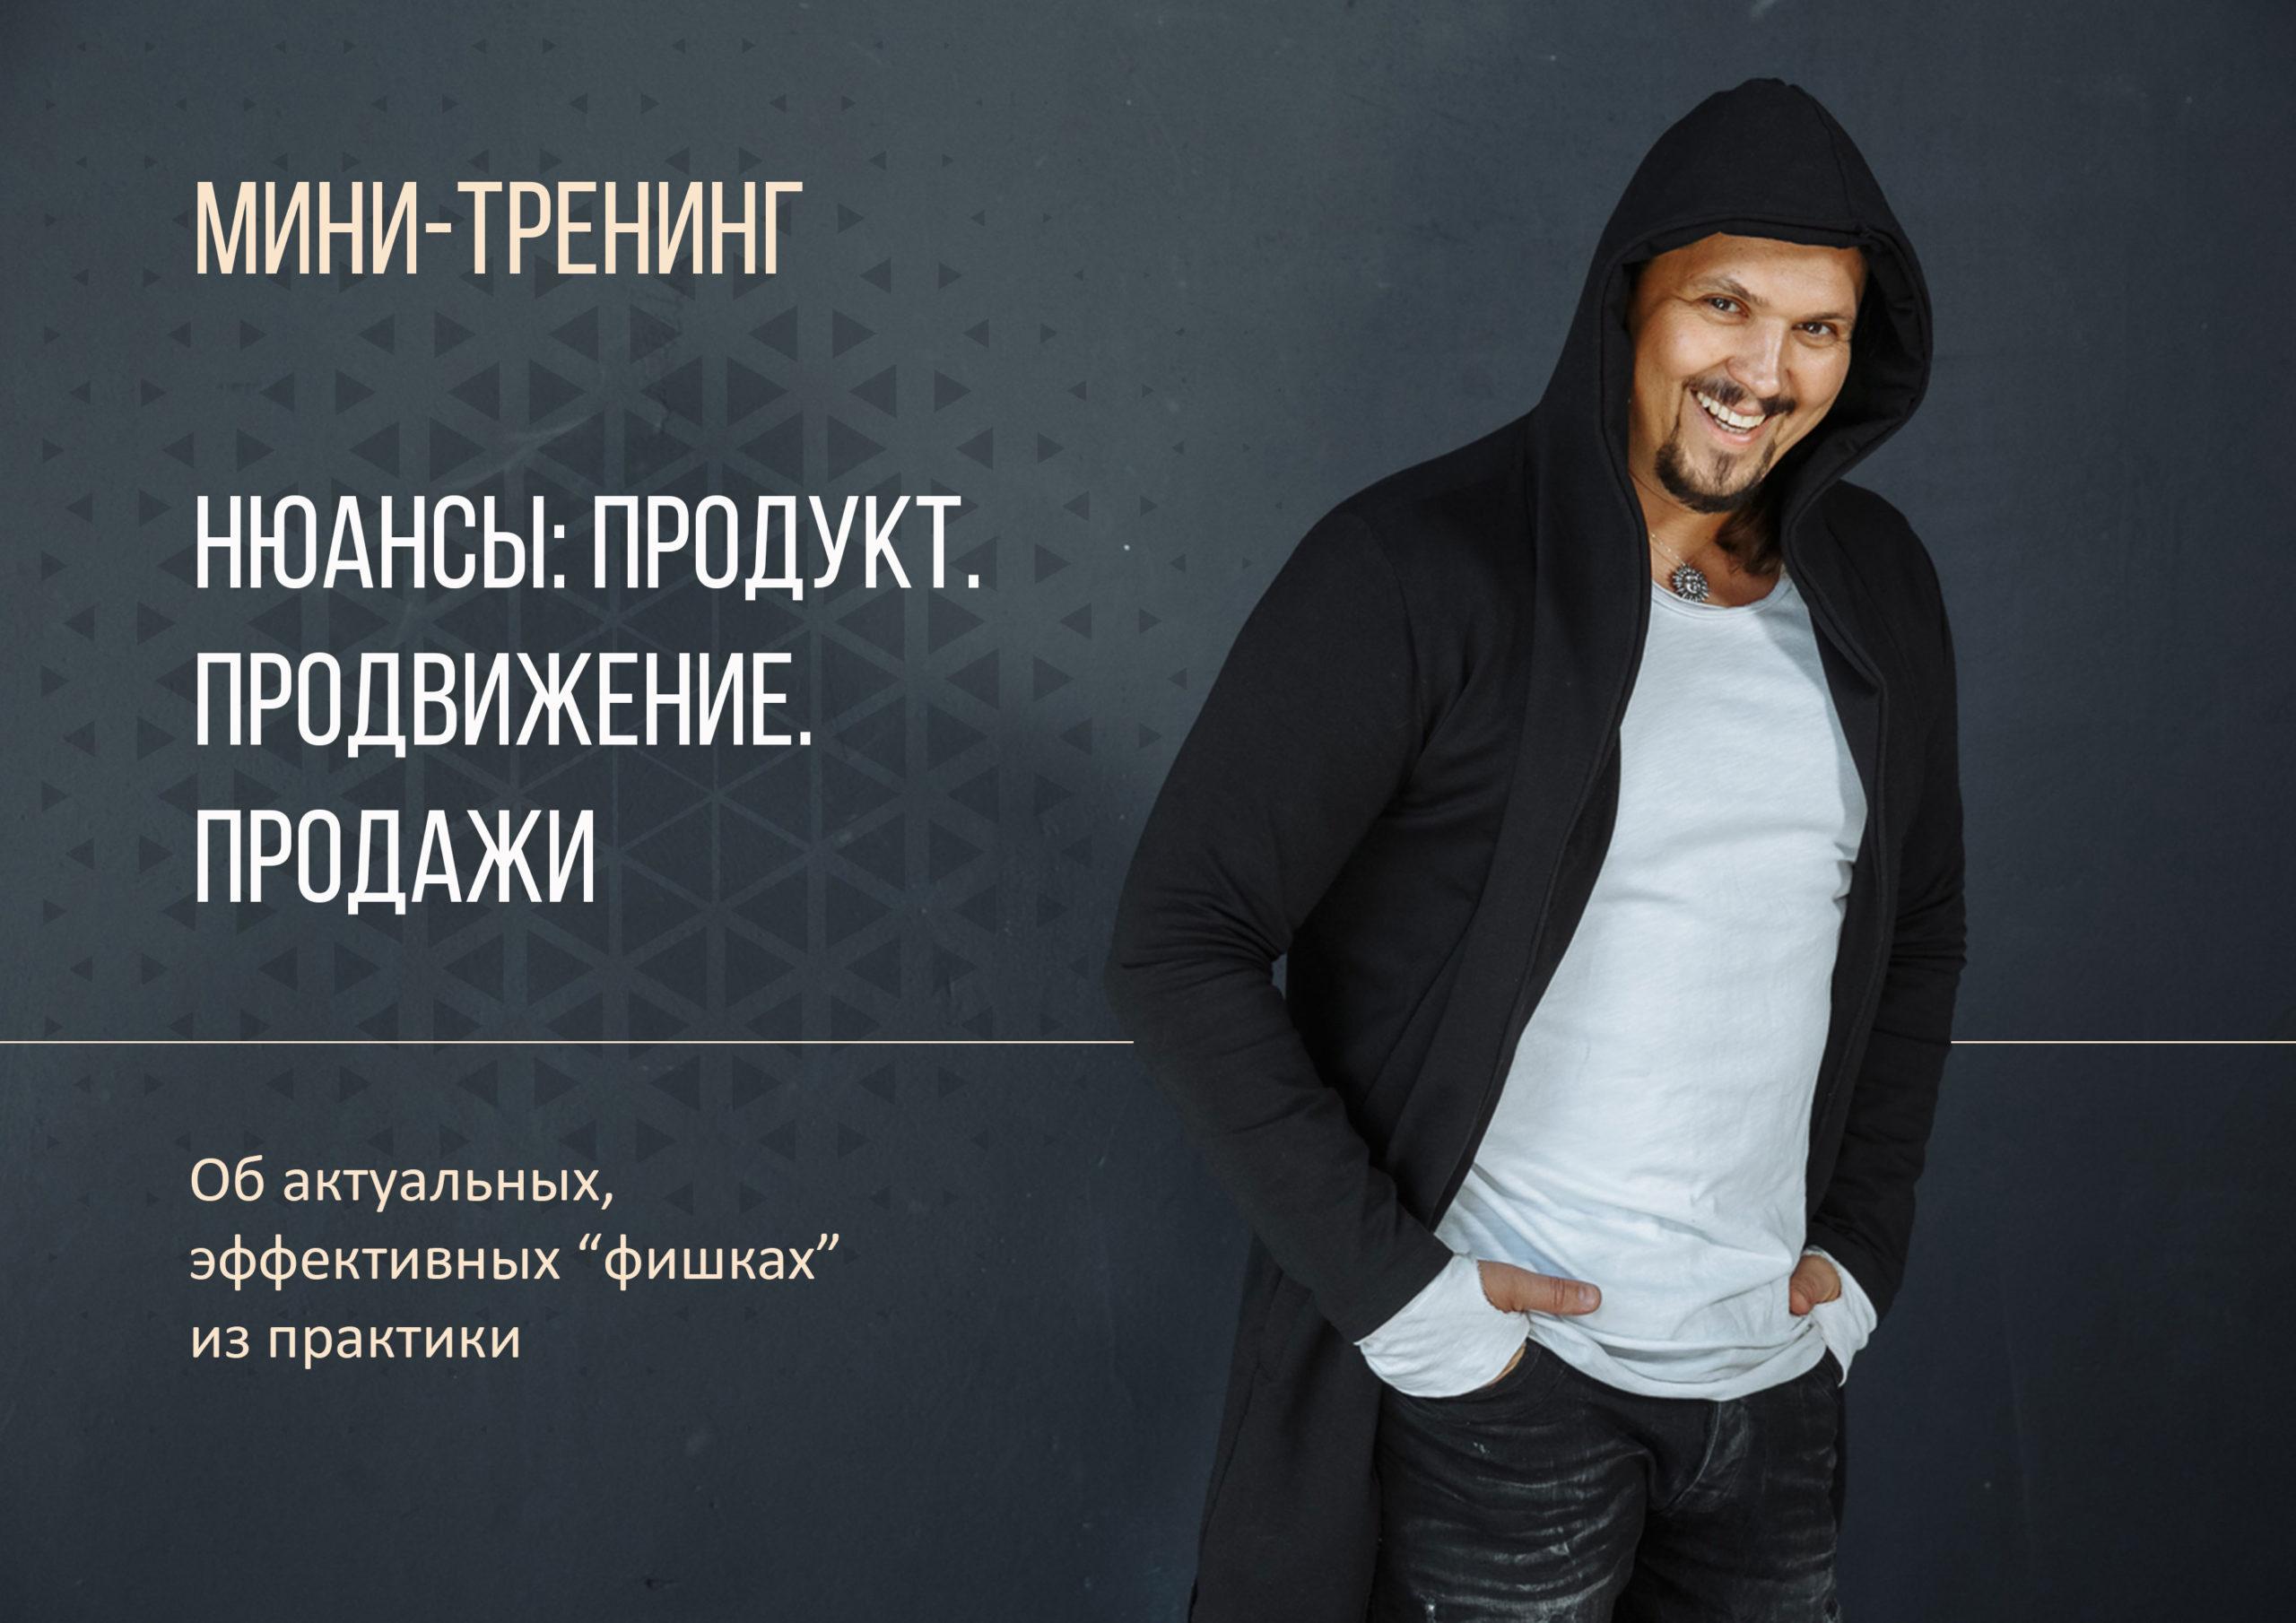 08-Продукт-Продвижение-Продажи-Афиша